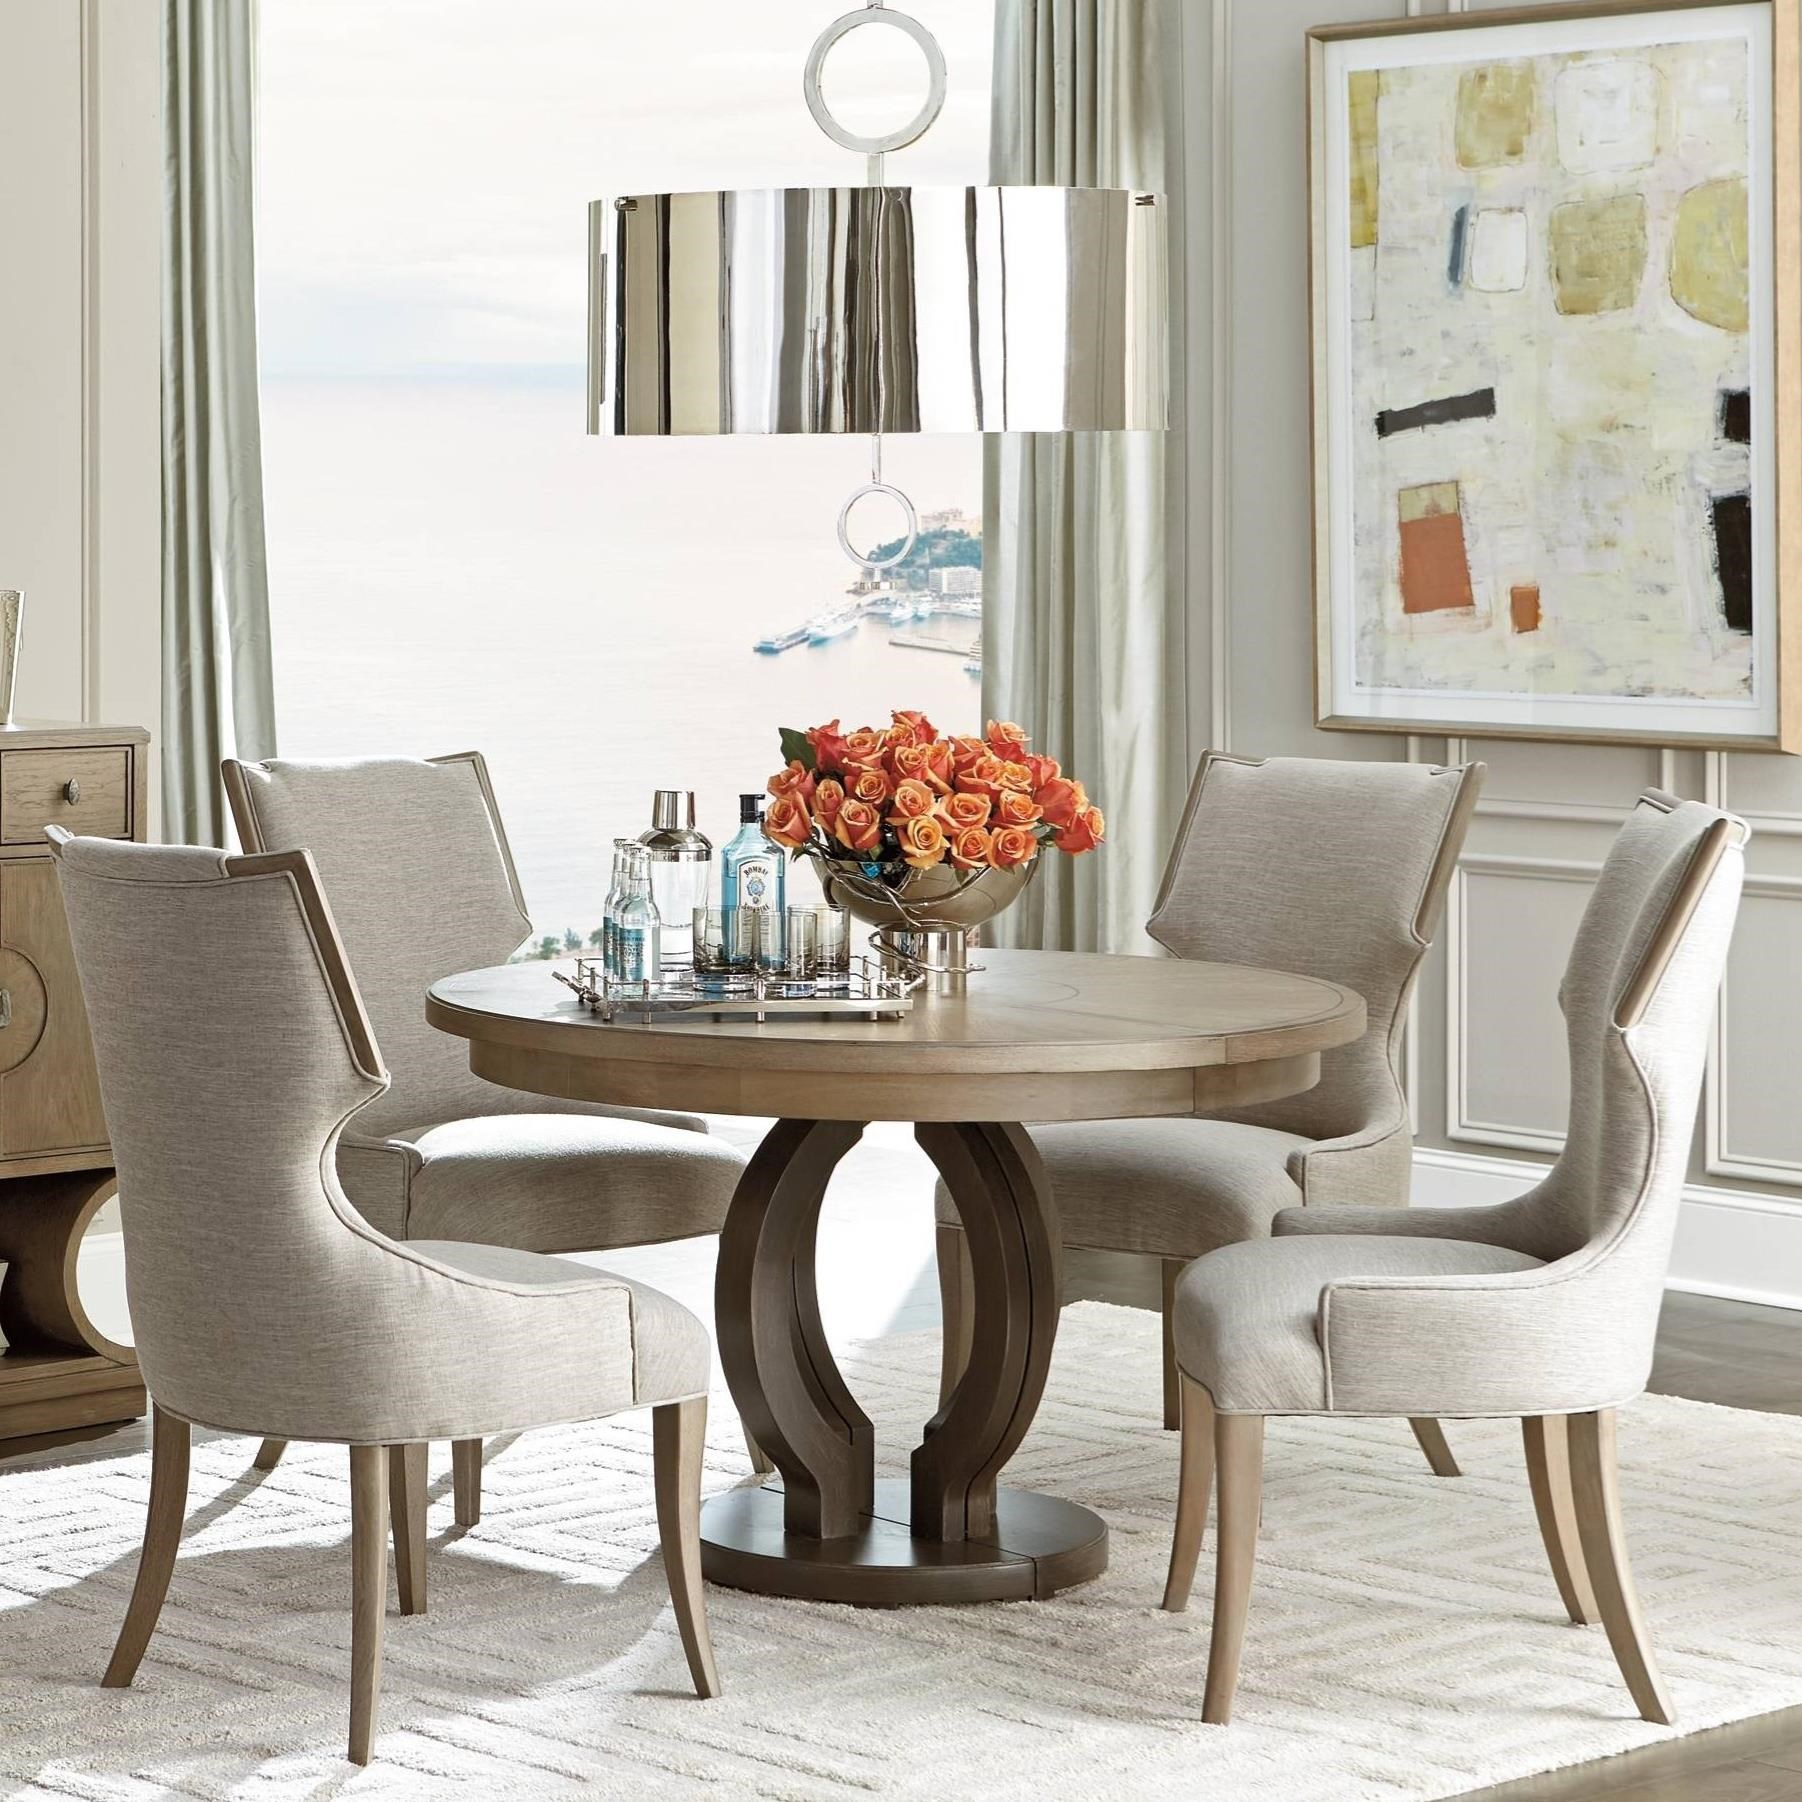 stanley furniture virage 5 piece round dining table set. Black Bedroom Furniture Sets. Home Design Ideas